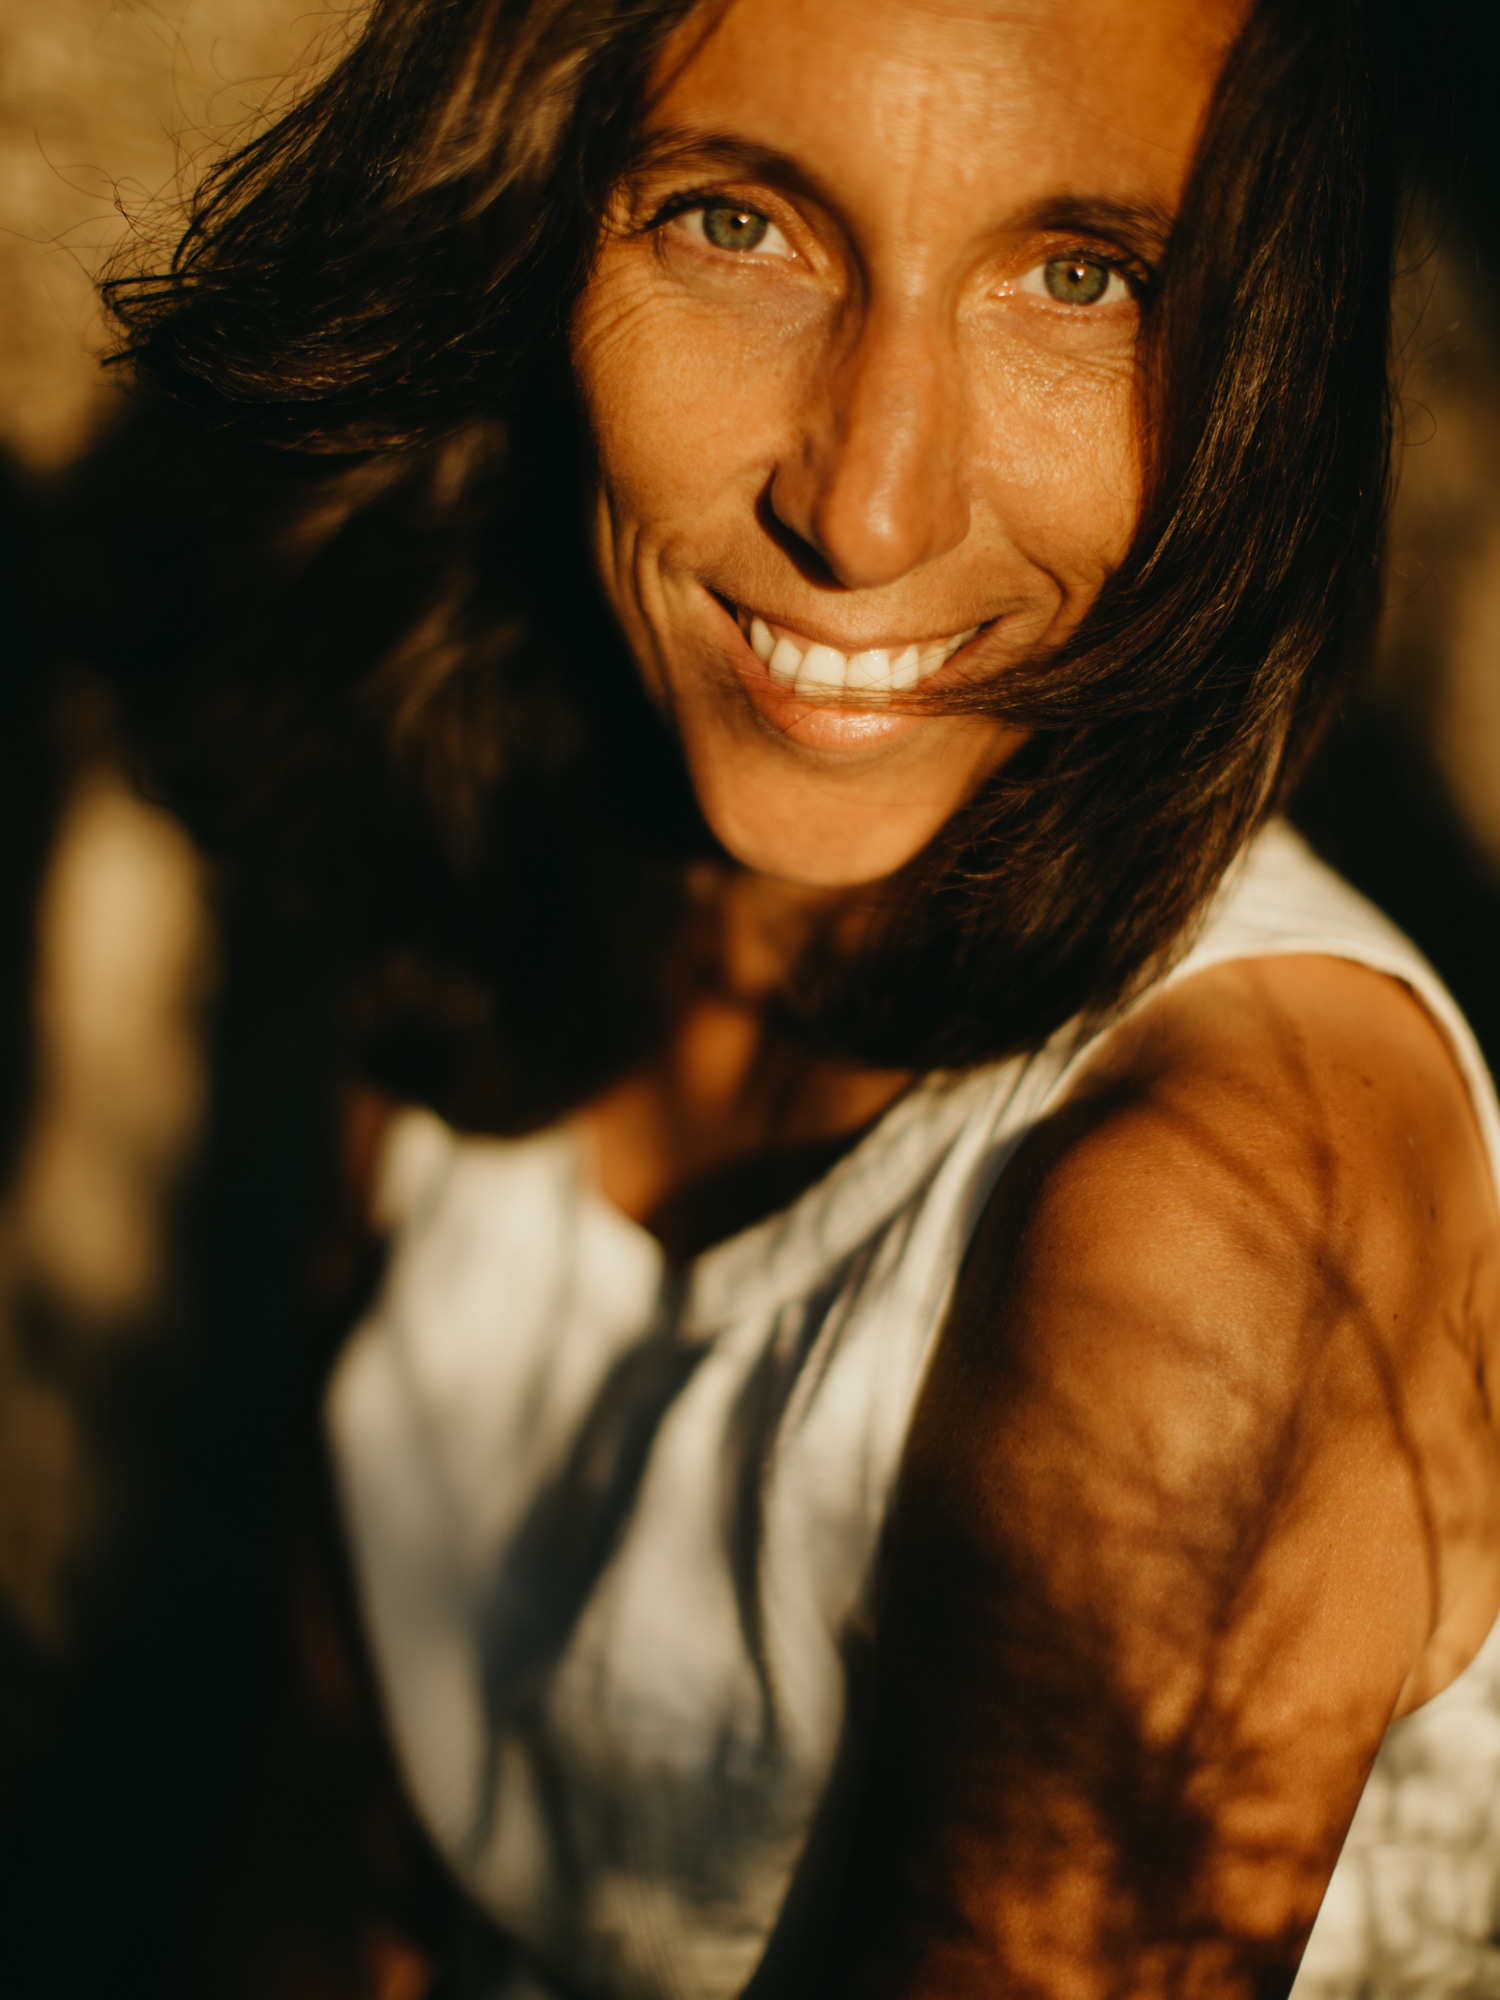 sylvain marchand - portrait rouen - photographe lifestyle rouen - portrait de femme normandie -